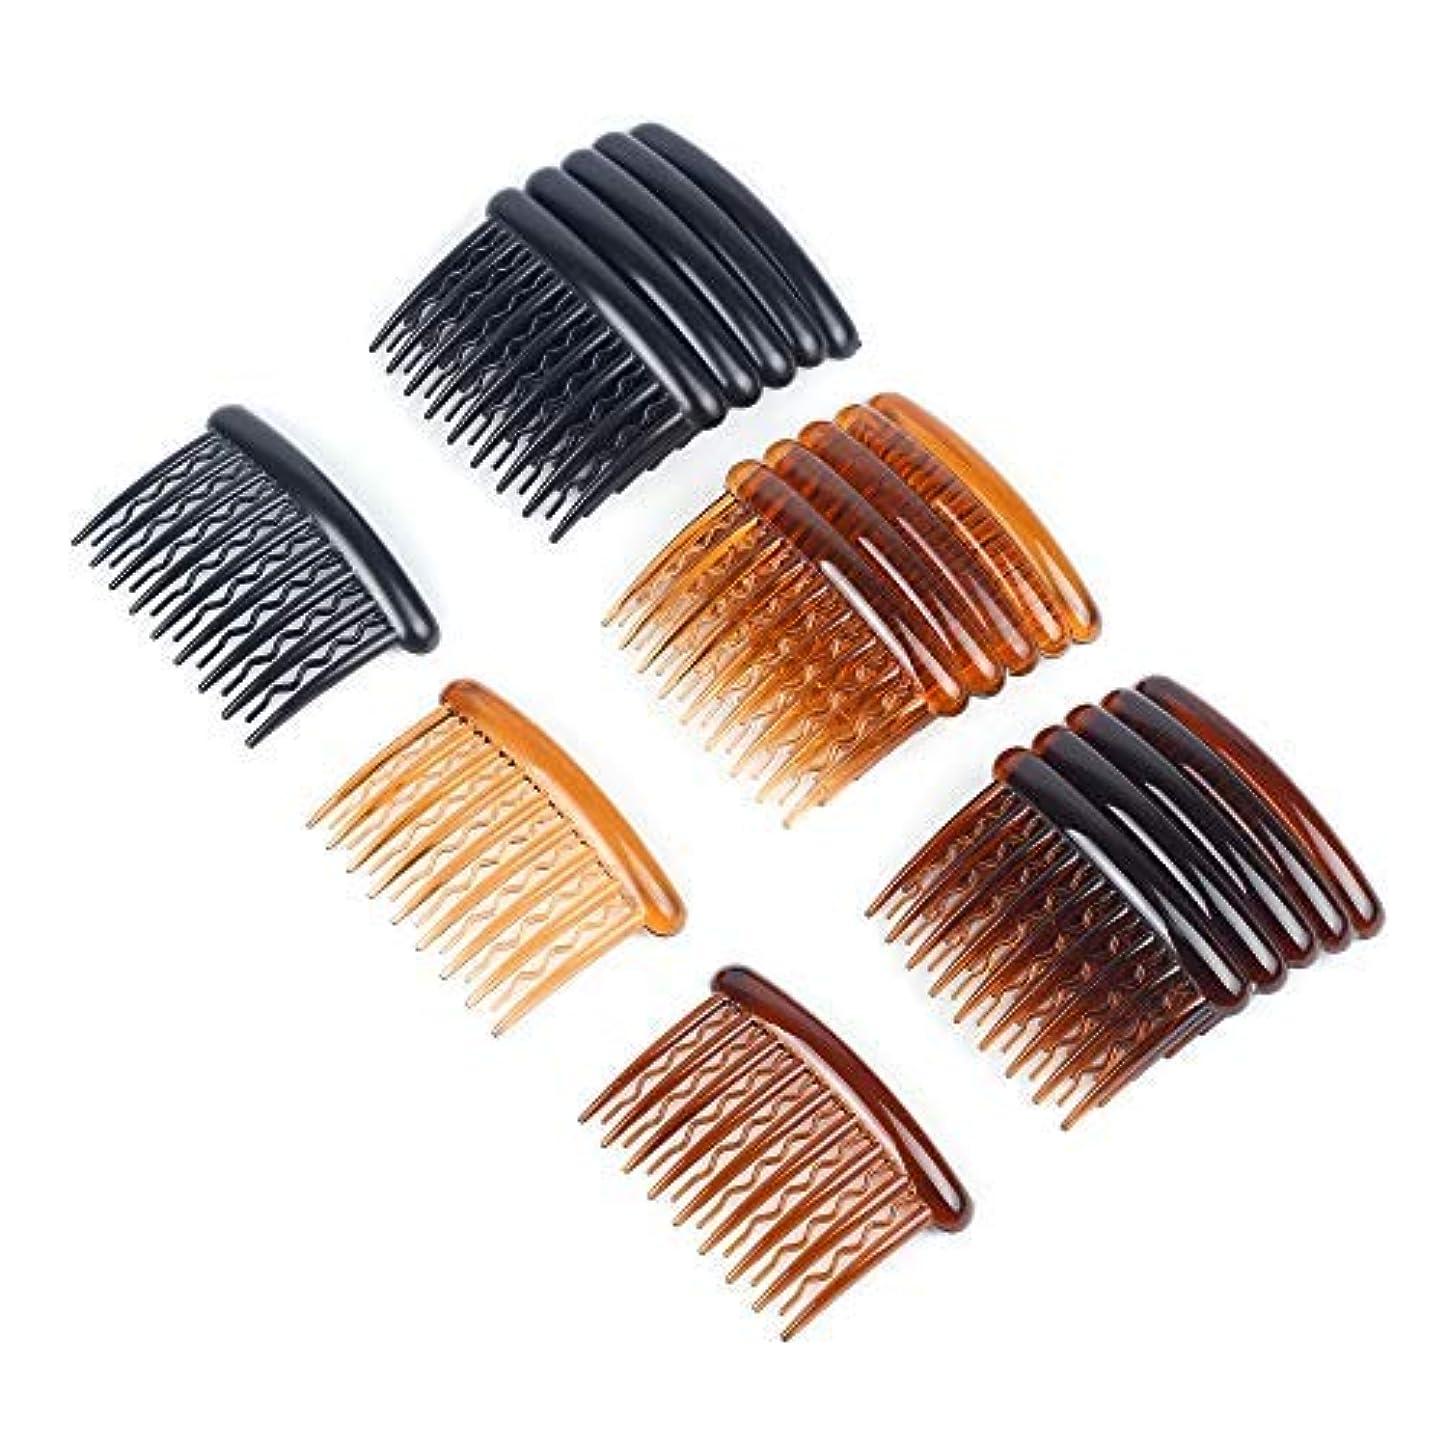 別れる修理工で出来ているWBCBEC 18 Pieces Plastic Teeth Hair Combs Tortoise Side Comb Hair Accessories for Fine Hair [並行輸入品]